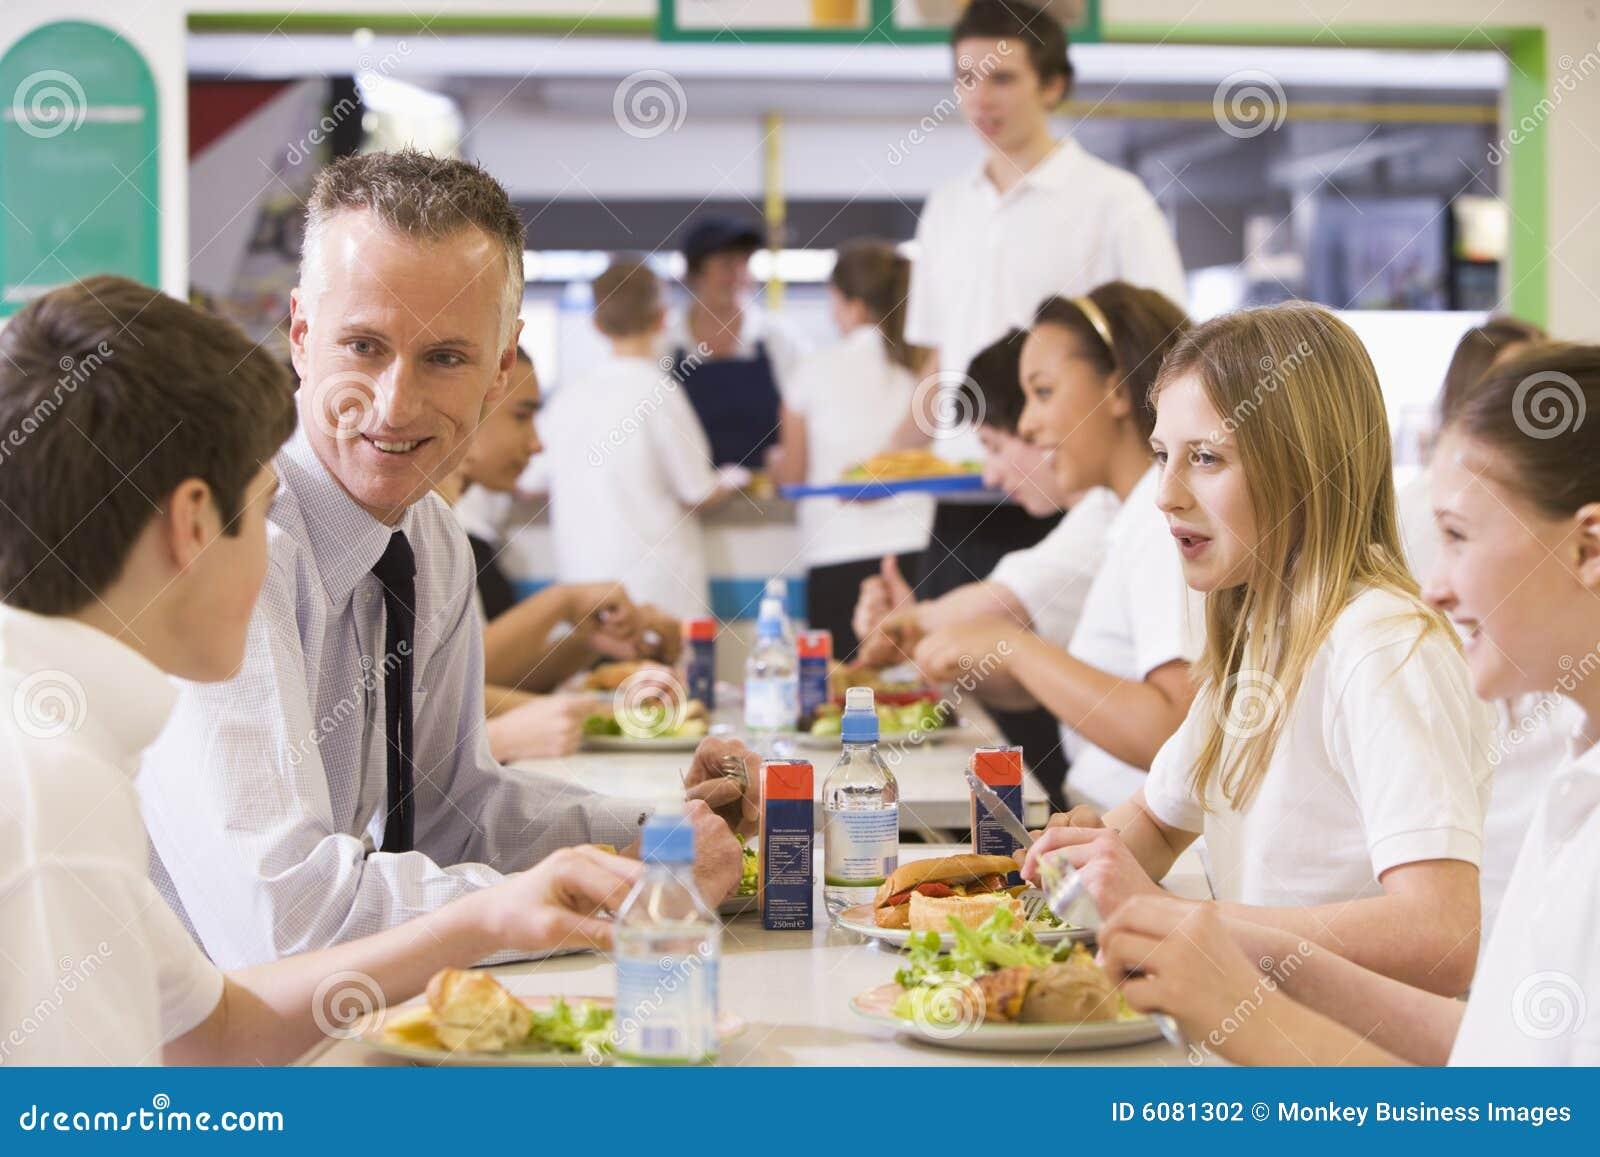 吃他的午餐实习教师